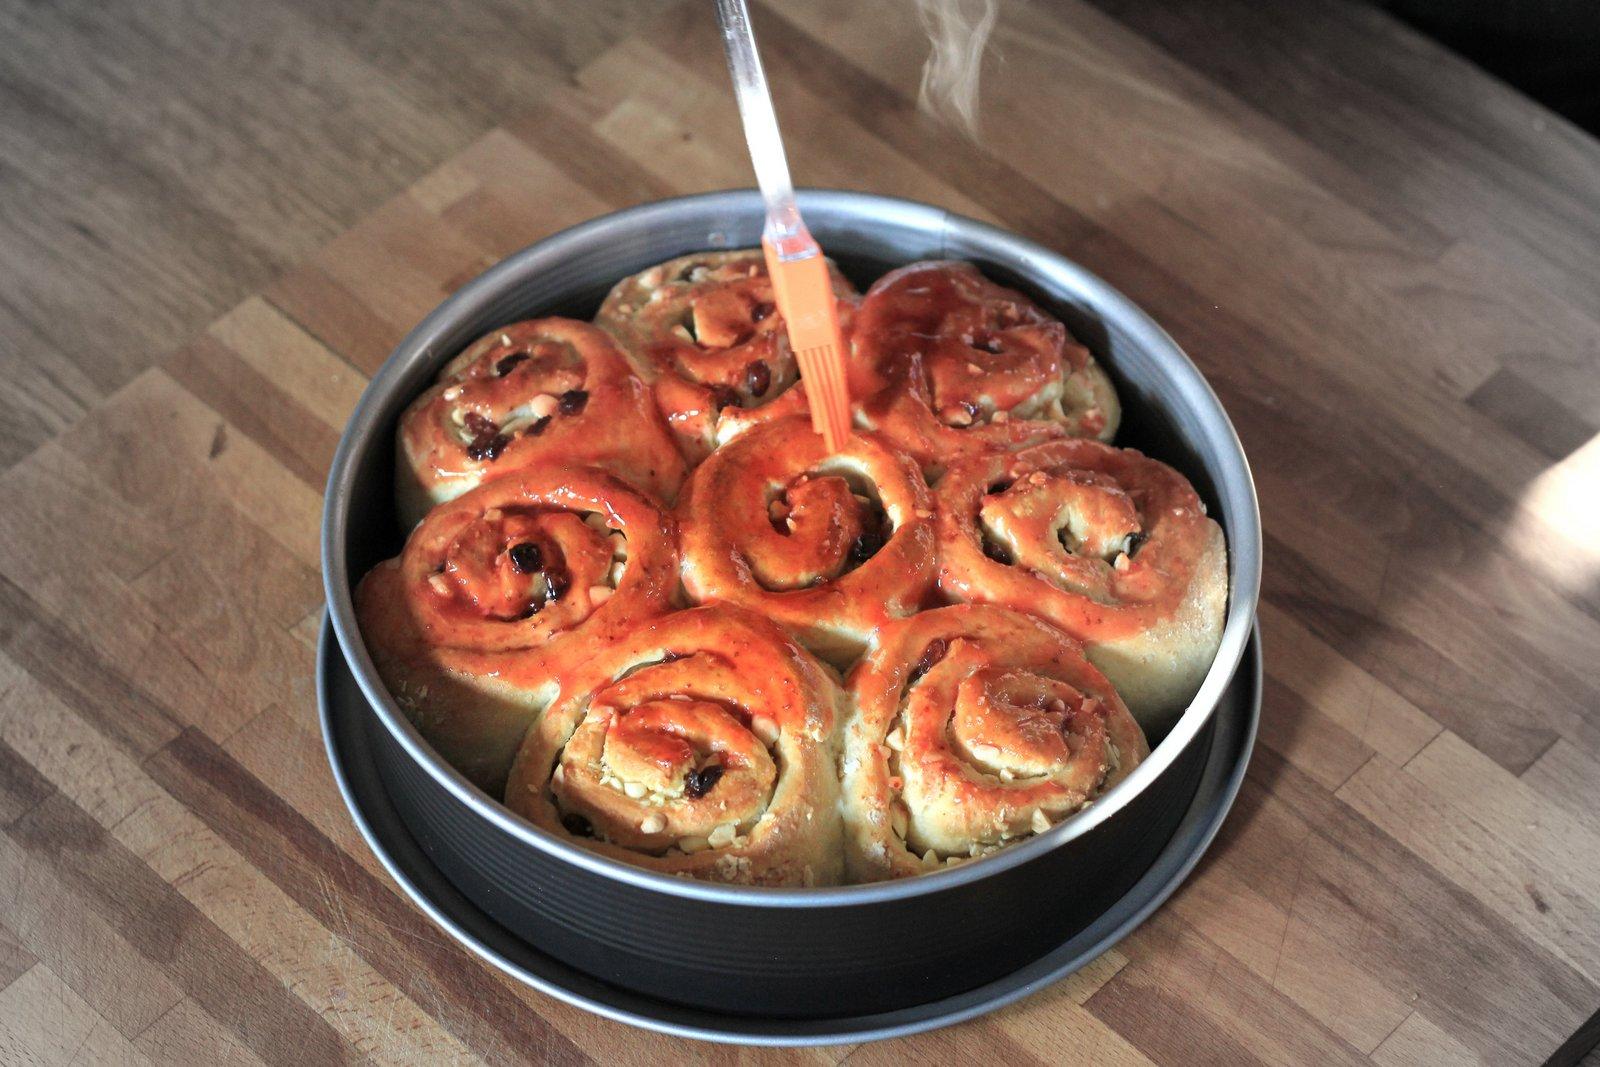 osem slimákov, kysnutý koláč, recept